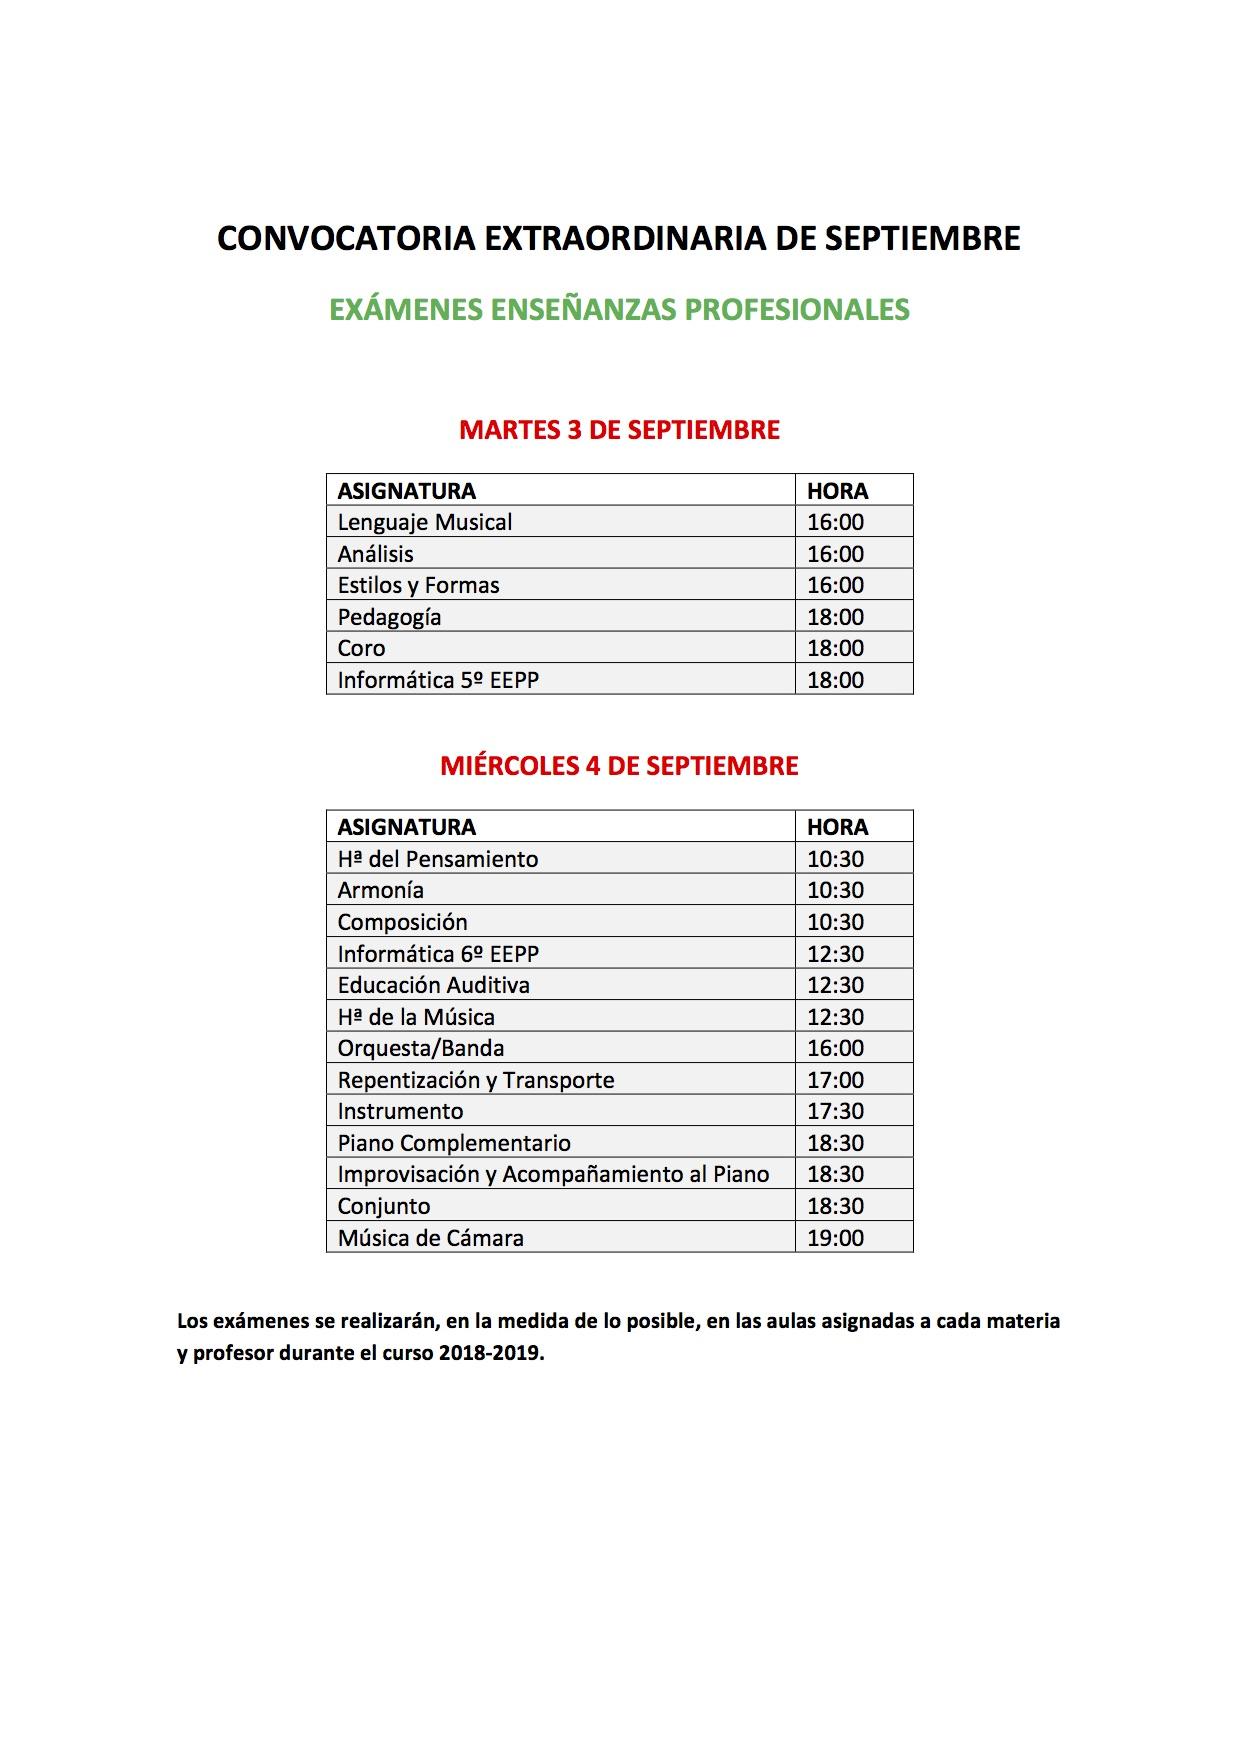 CONVOCATORIA EXTRAORDINARIA DE SEPTIEMBRE. CURSO 2018/19